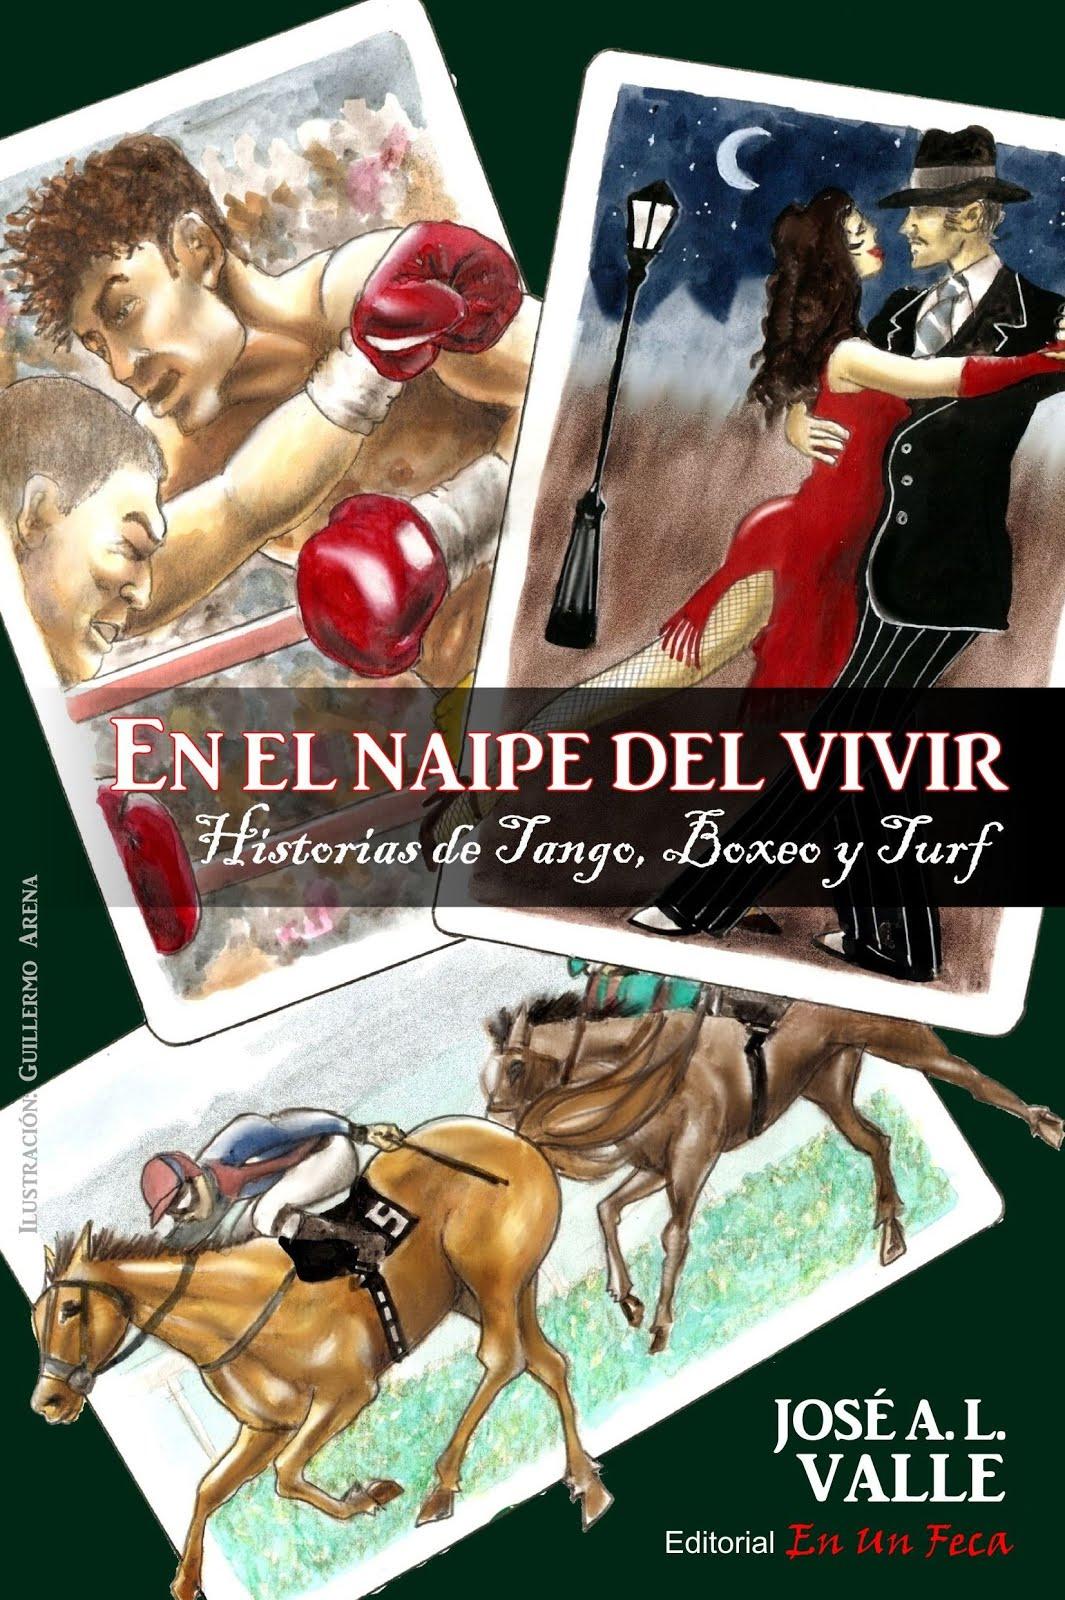 EN EL NAIPE DEL VIVIR